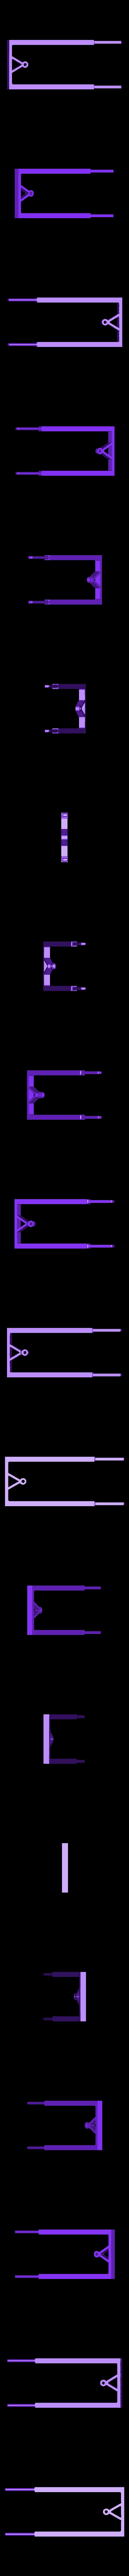 Lager1.stl Download free STL file Column Buckling (Euler Buckling) • 3D printable object, medmakes